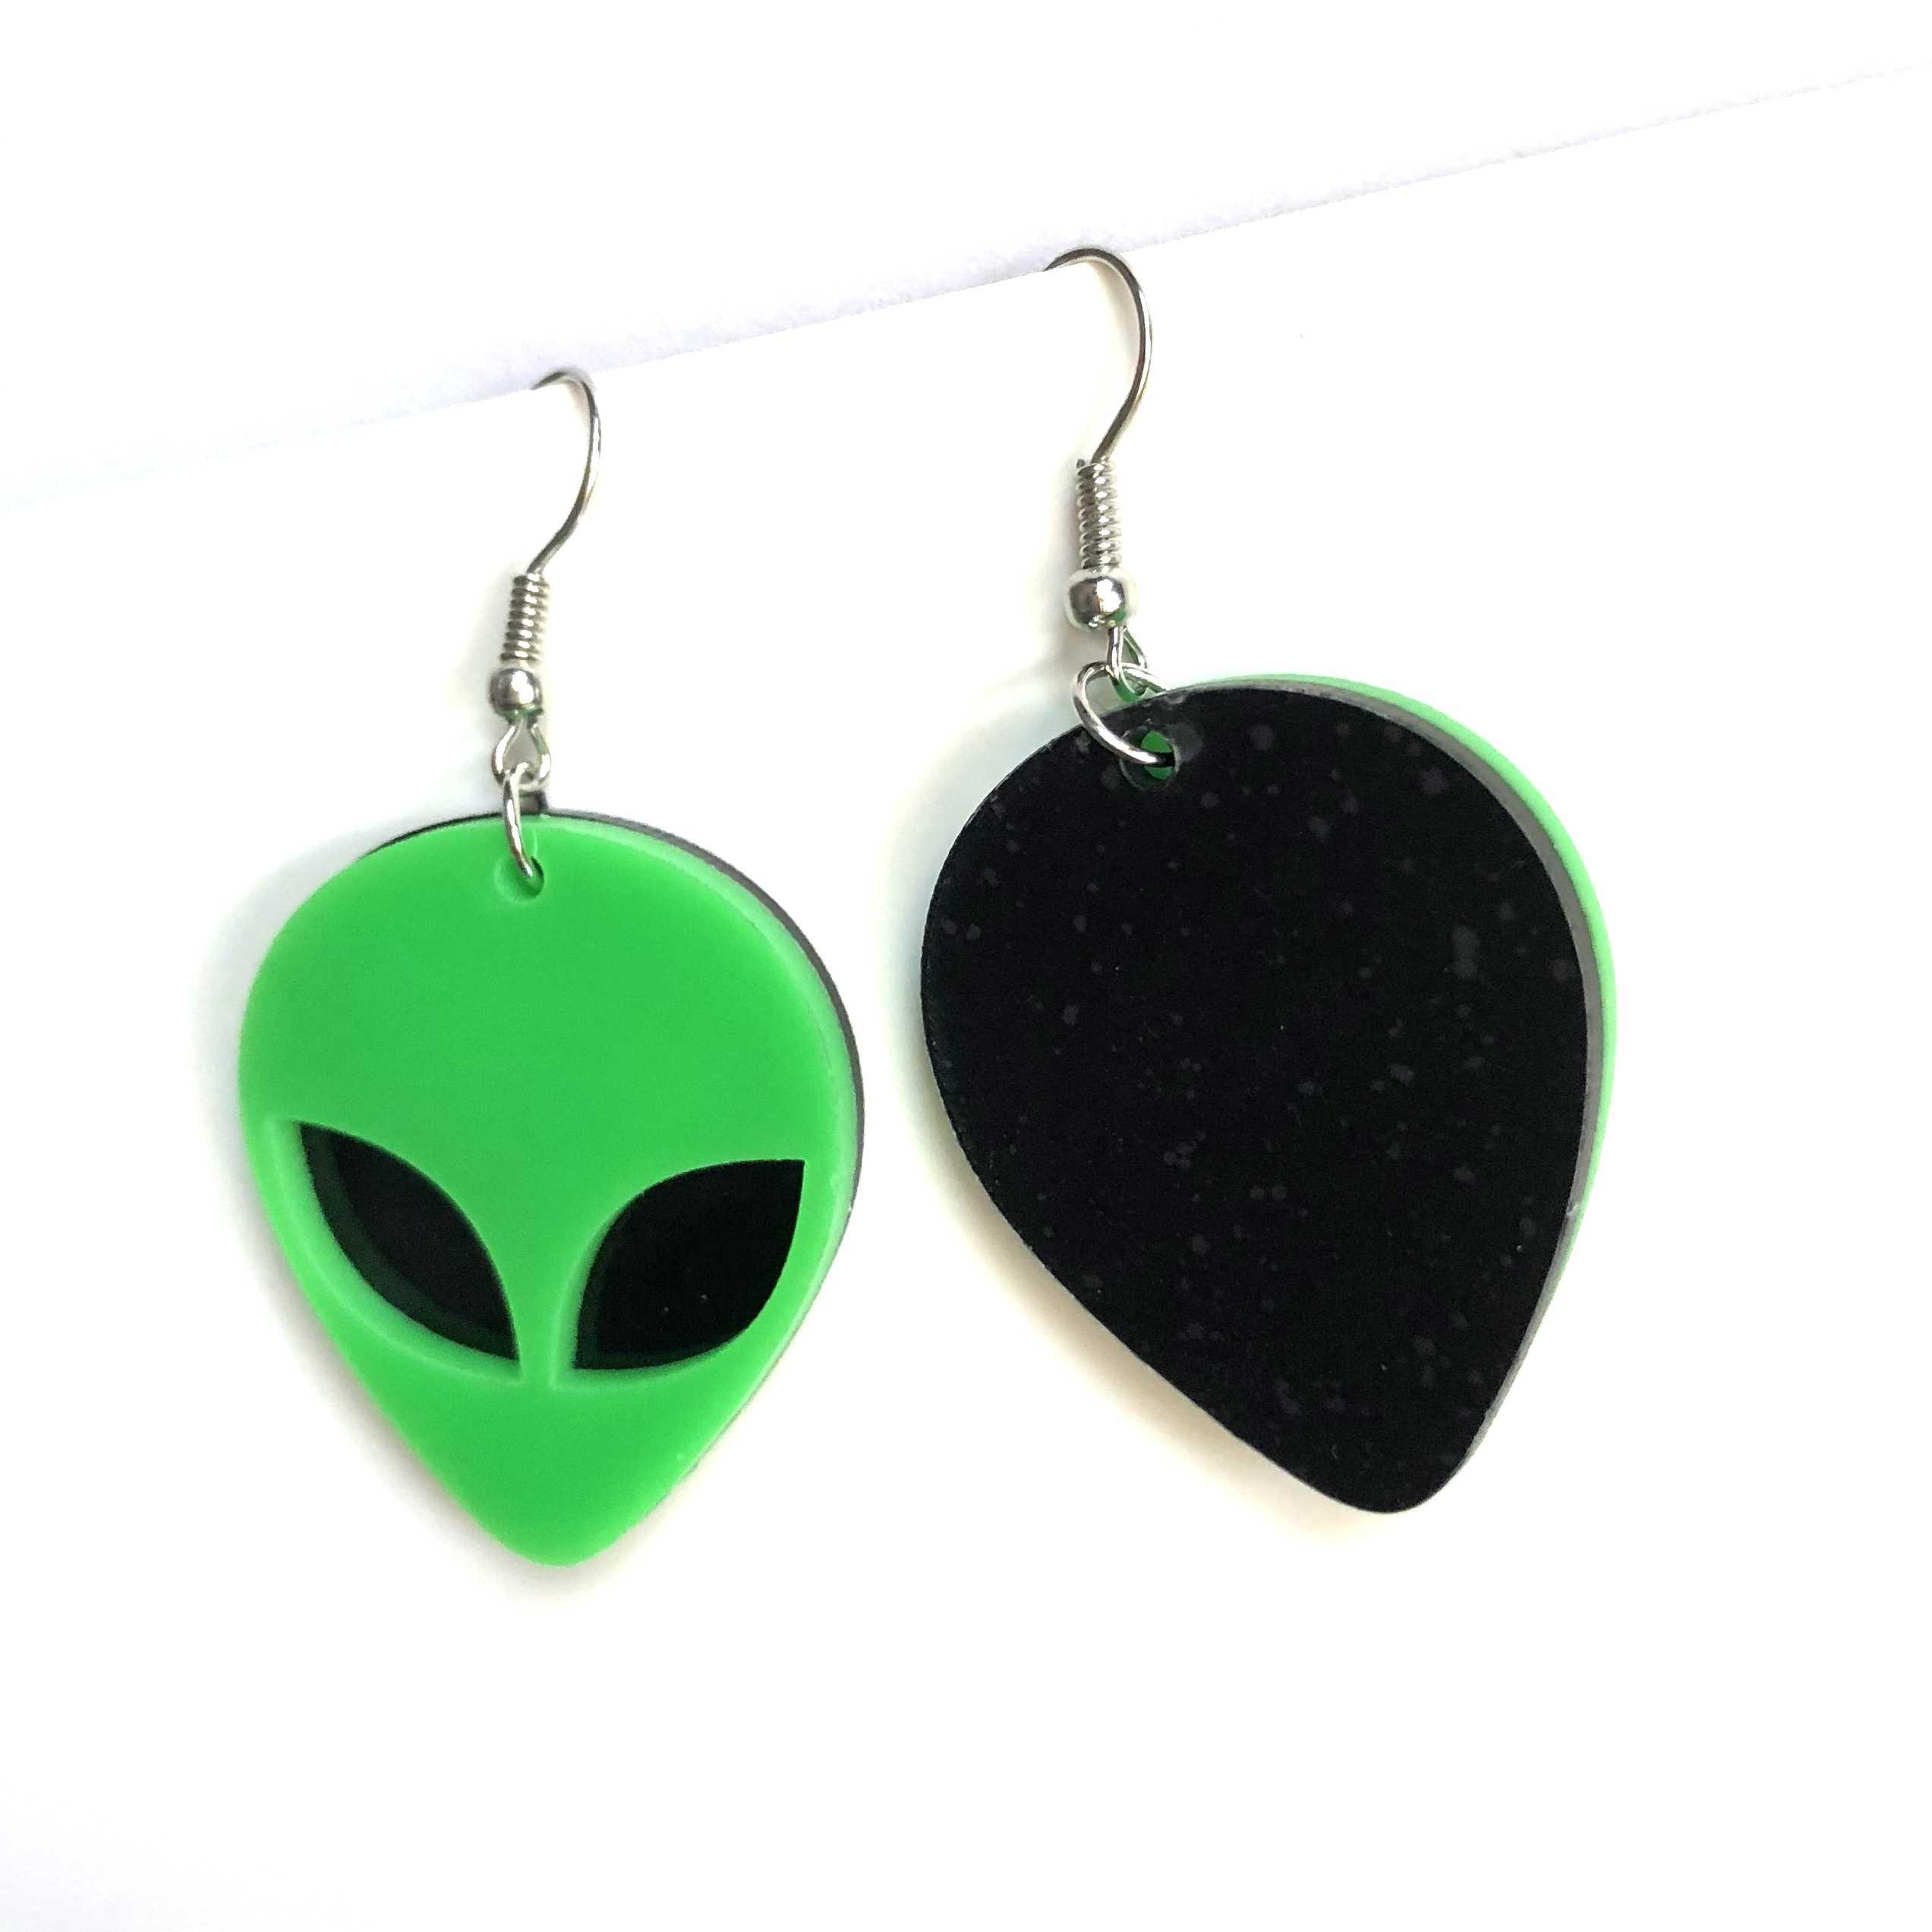 Kreatywny nowy projekt mody zielony Alien akrylowe kolczyki spadek fajne Punk przesadzone spodek człowiek dynda kolczyki Trendy biżuteria